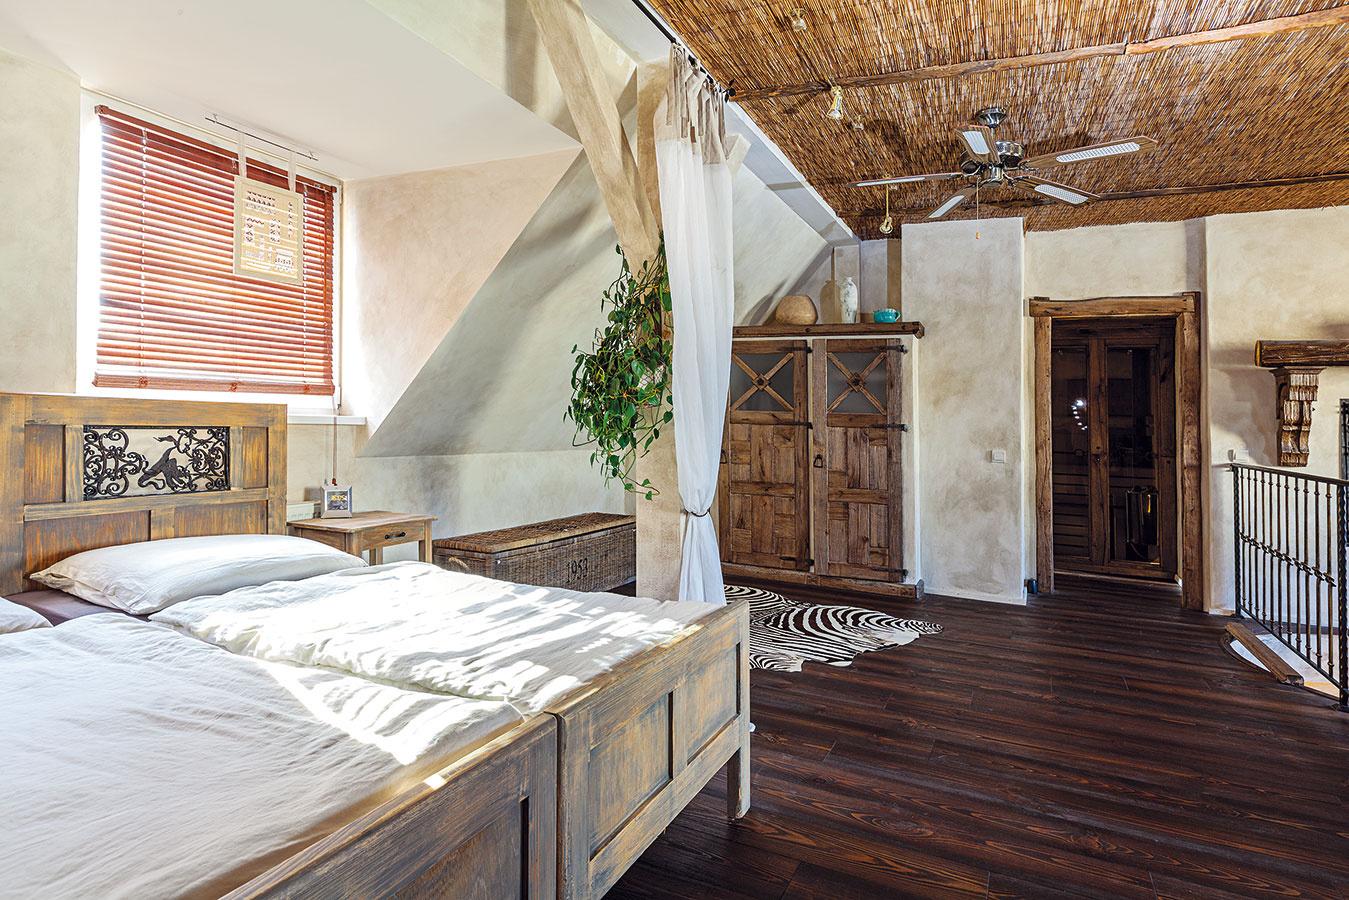 Rodičovskej spálni ana ňu nadväzujúcej kúpeľni so saunou je vyhradené celé poschodie. Postele sú po majiteľkiných starých rodičoch. Museli sa však predĺžiť aako dekoratívny prvok do nich nechali vložiť kovové dvierka zo starých kachlí, ktoré zohnali vkovošrote.